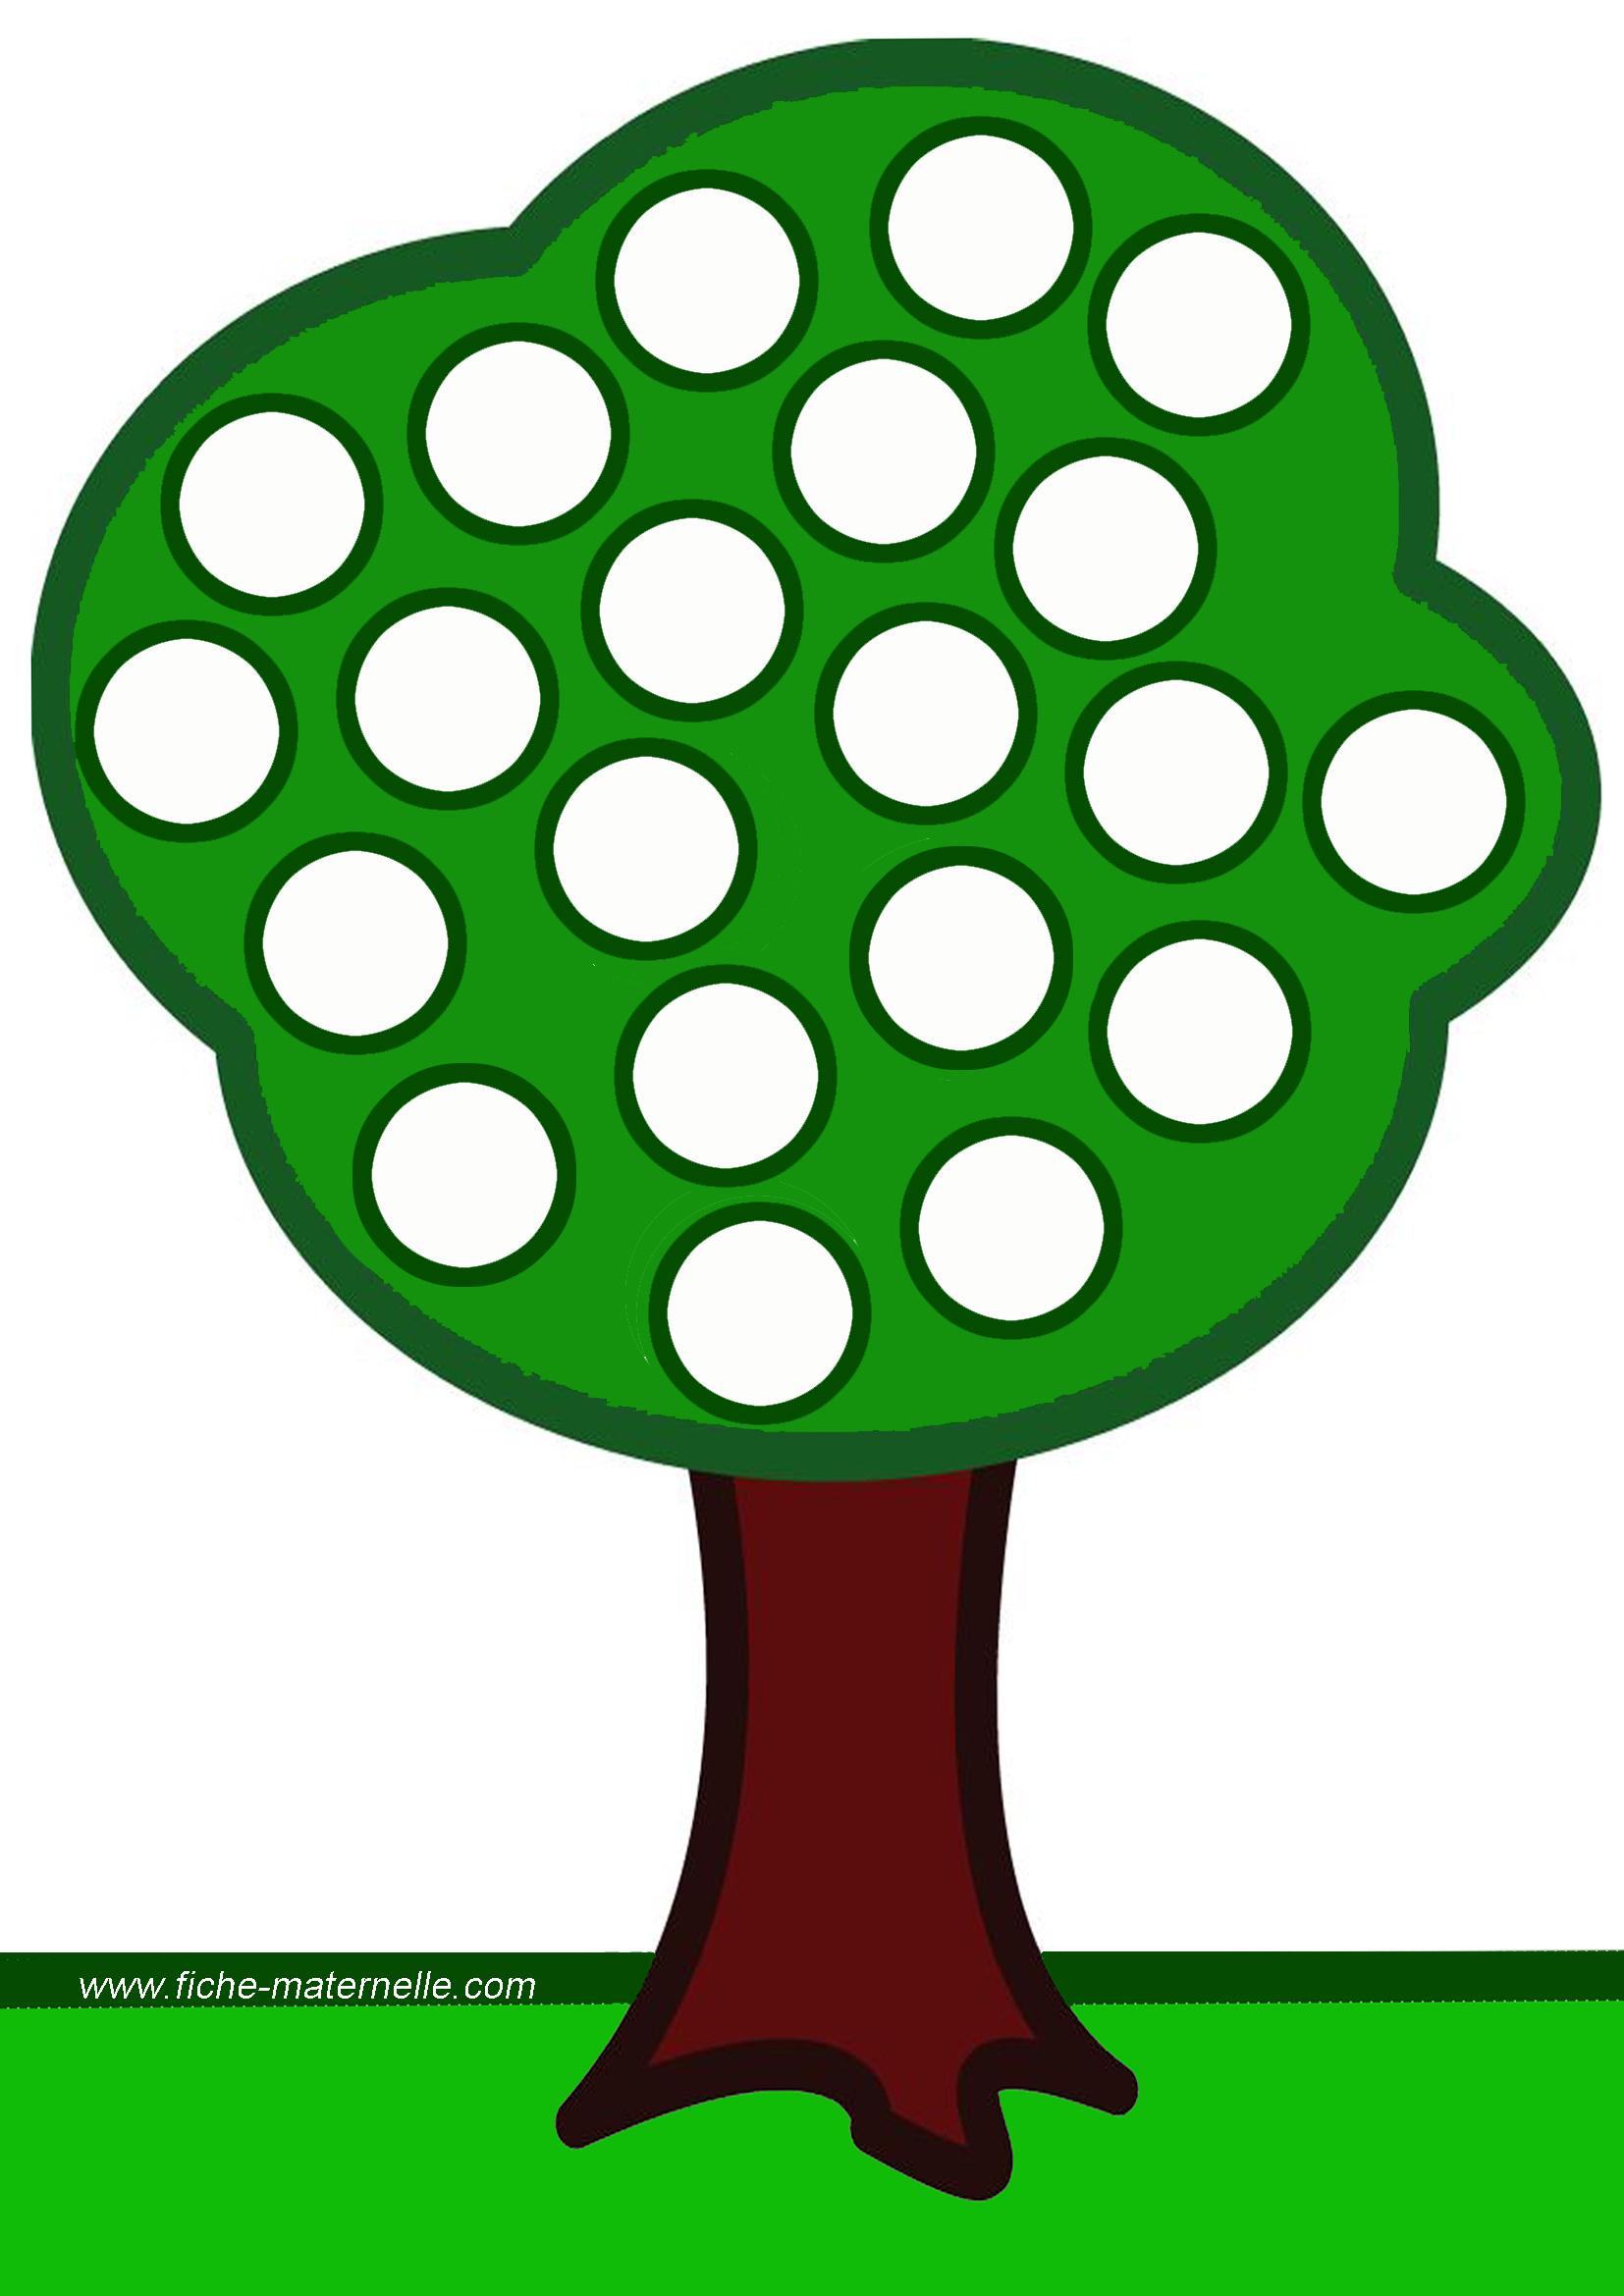 Jeux Mathématiques Pour Apprendre À Compter, Dénombrer concernant Jeux De Maternelle À Imprimer